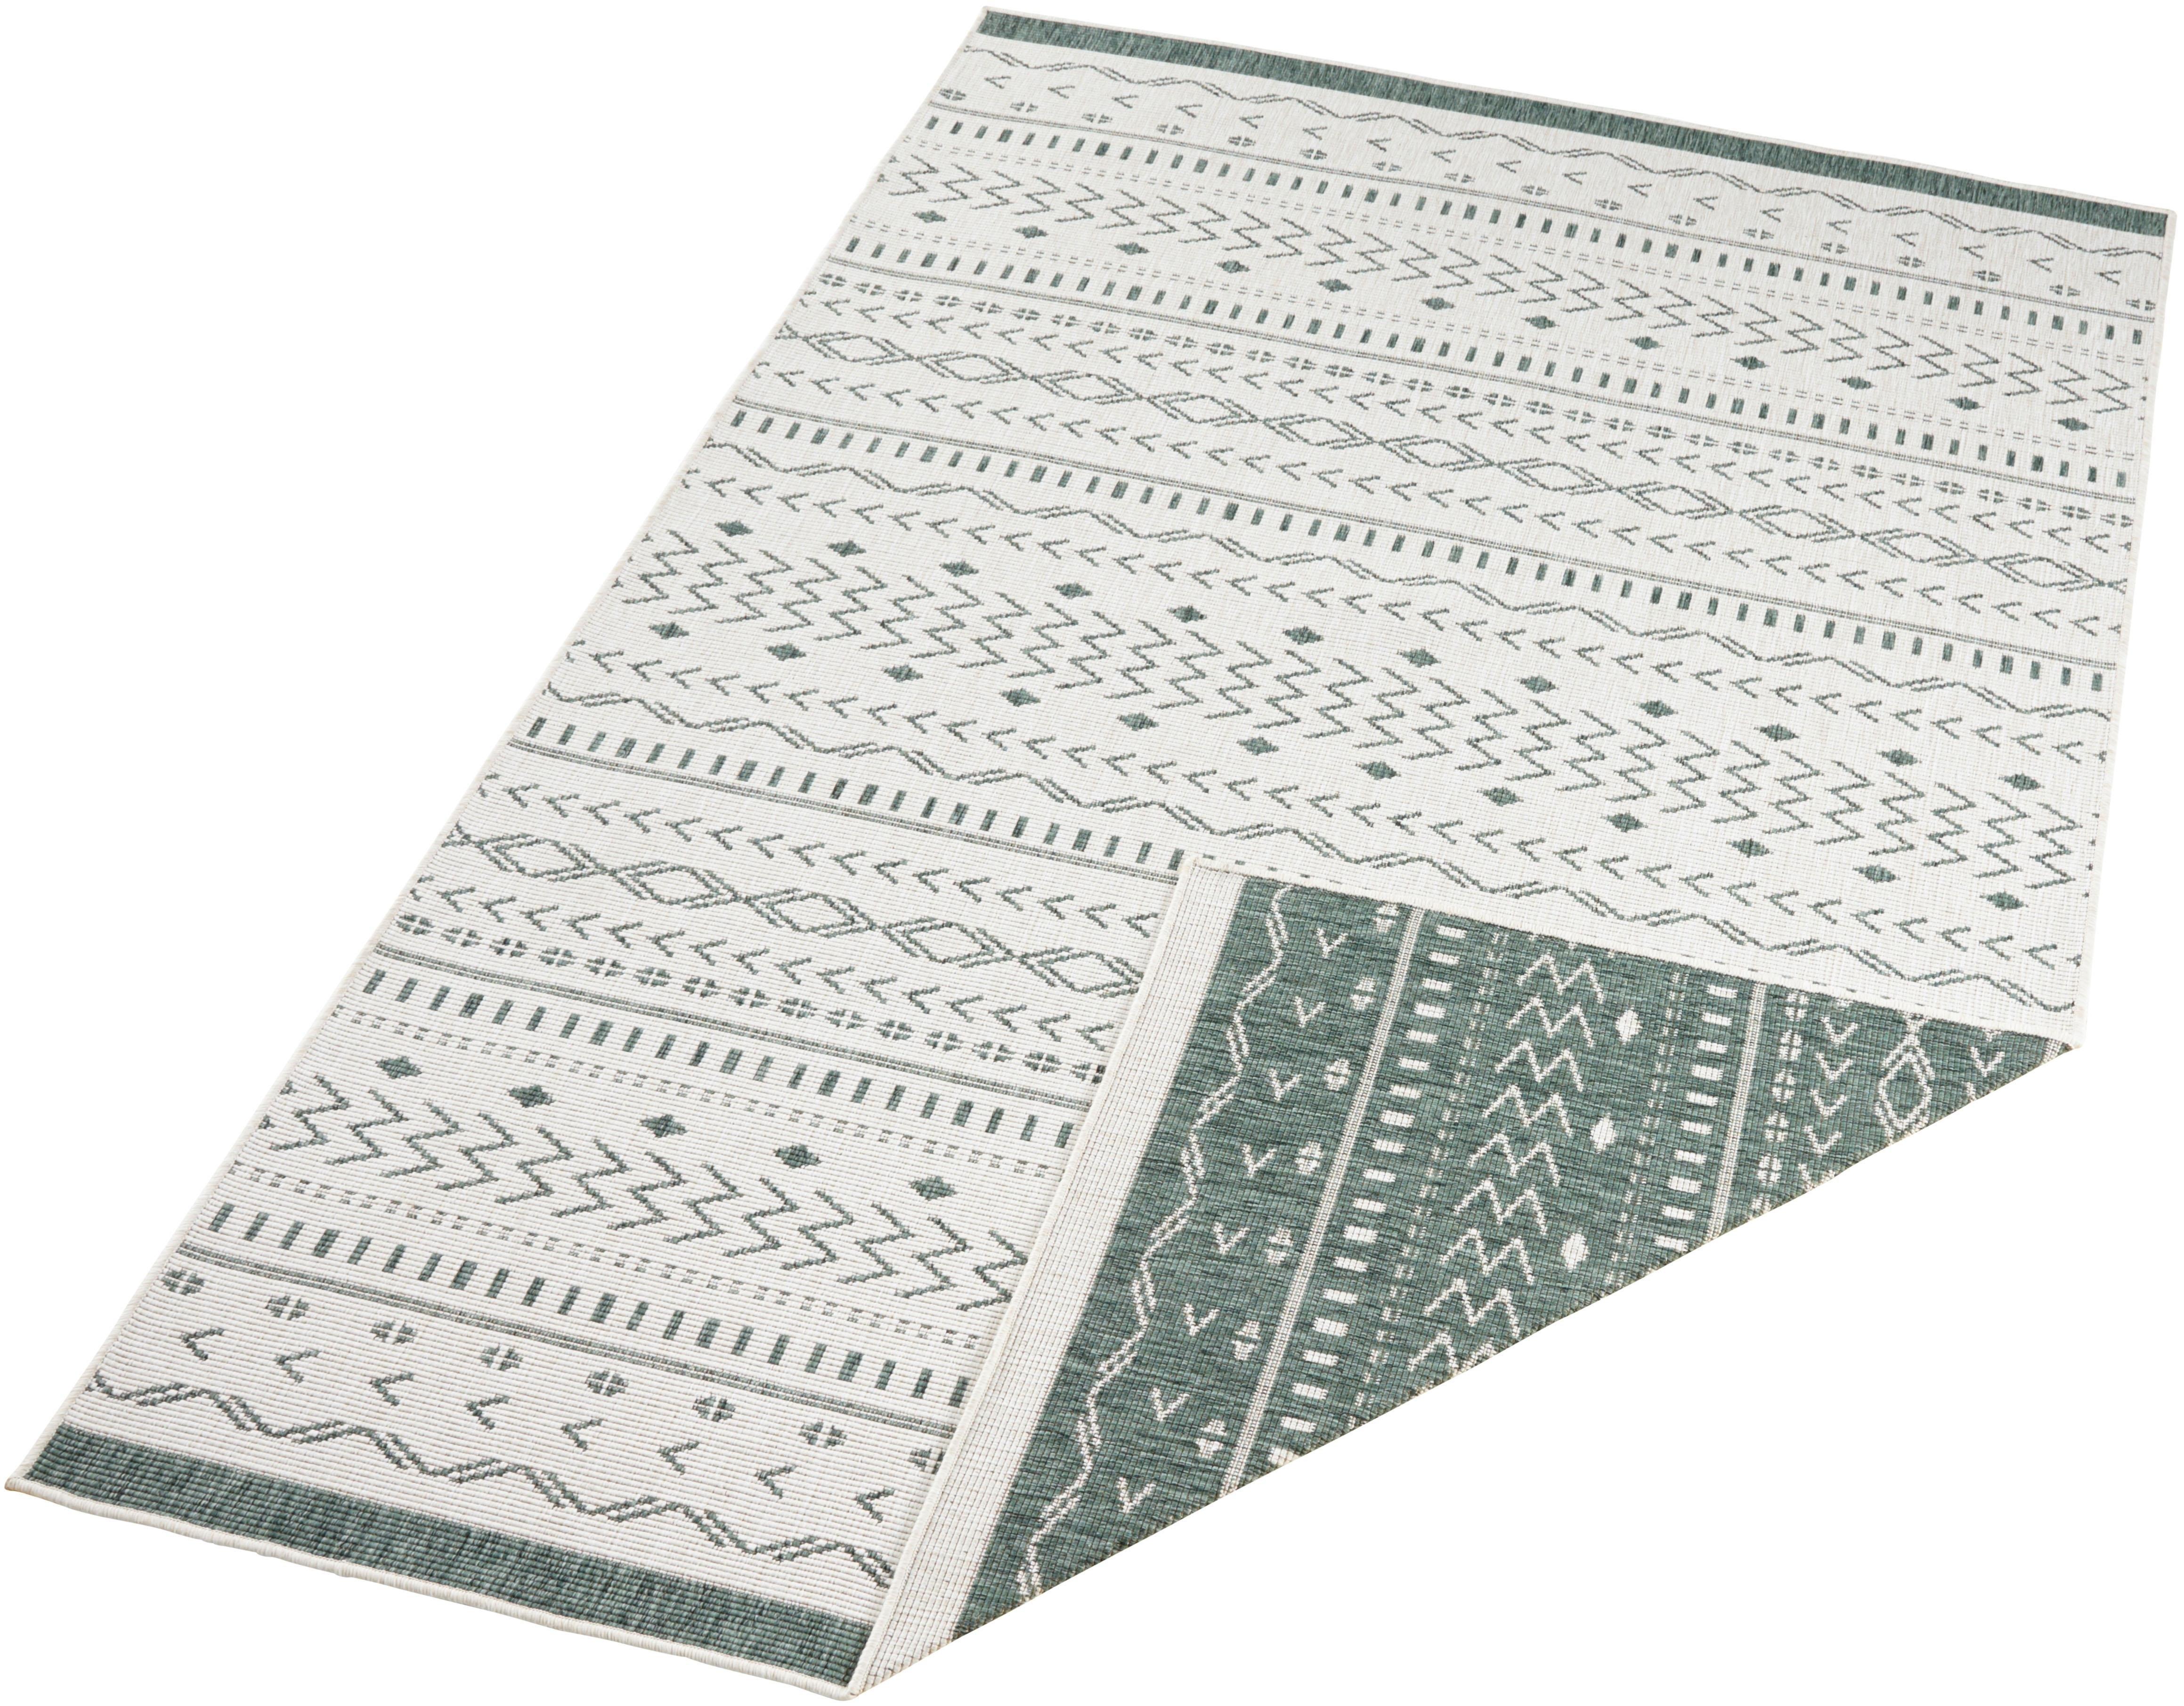 bougari vloerkleed Kuba Geschikt voor binnen en buiten, tweezijdig te gebruiken kleed, woonkamer in de webshop van OTTO kopen